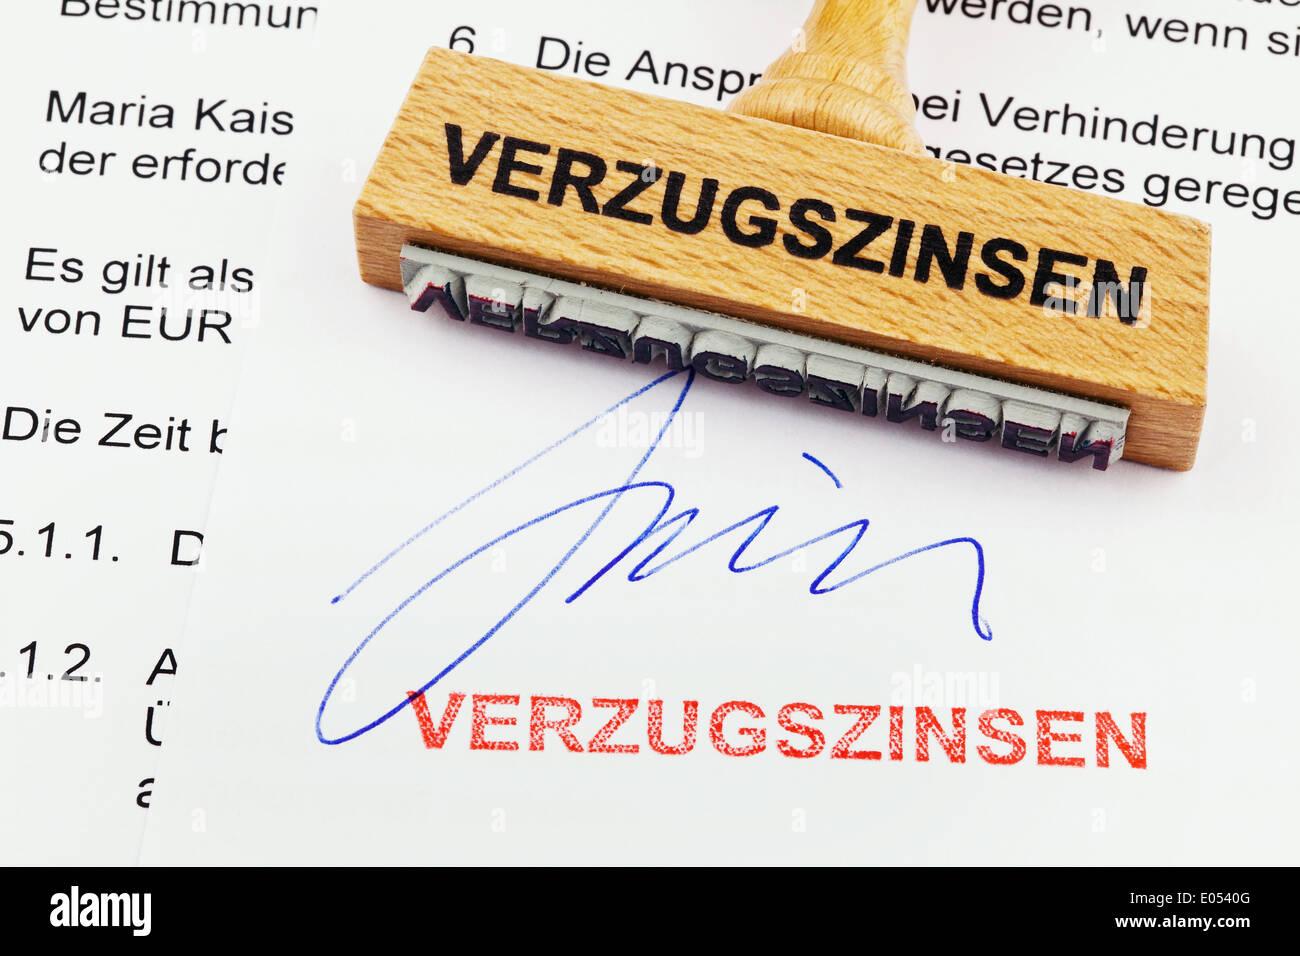 A stamp of wood lies on a document. German label: Interests on arrears, Ein Stempel aus Holz liegt auf einem Dokument. Deutsche - Stock Image